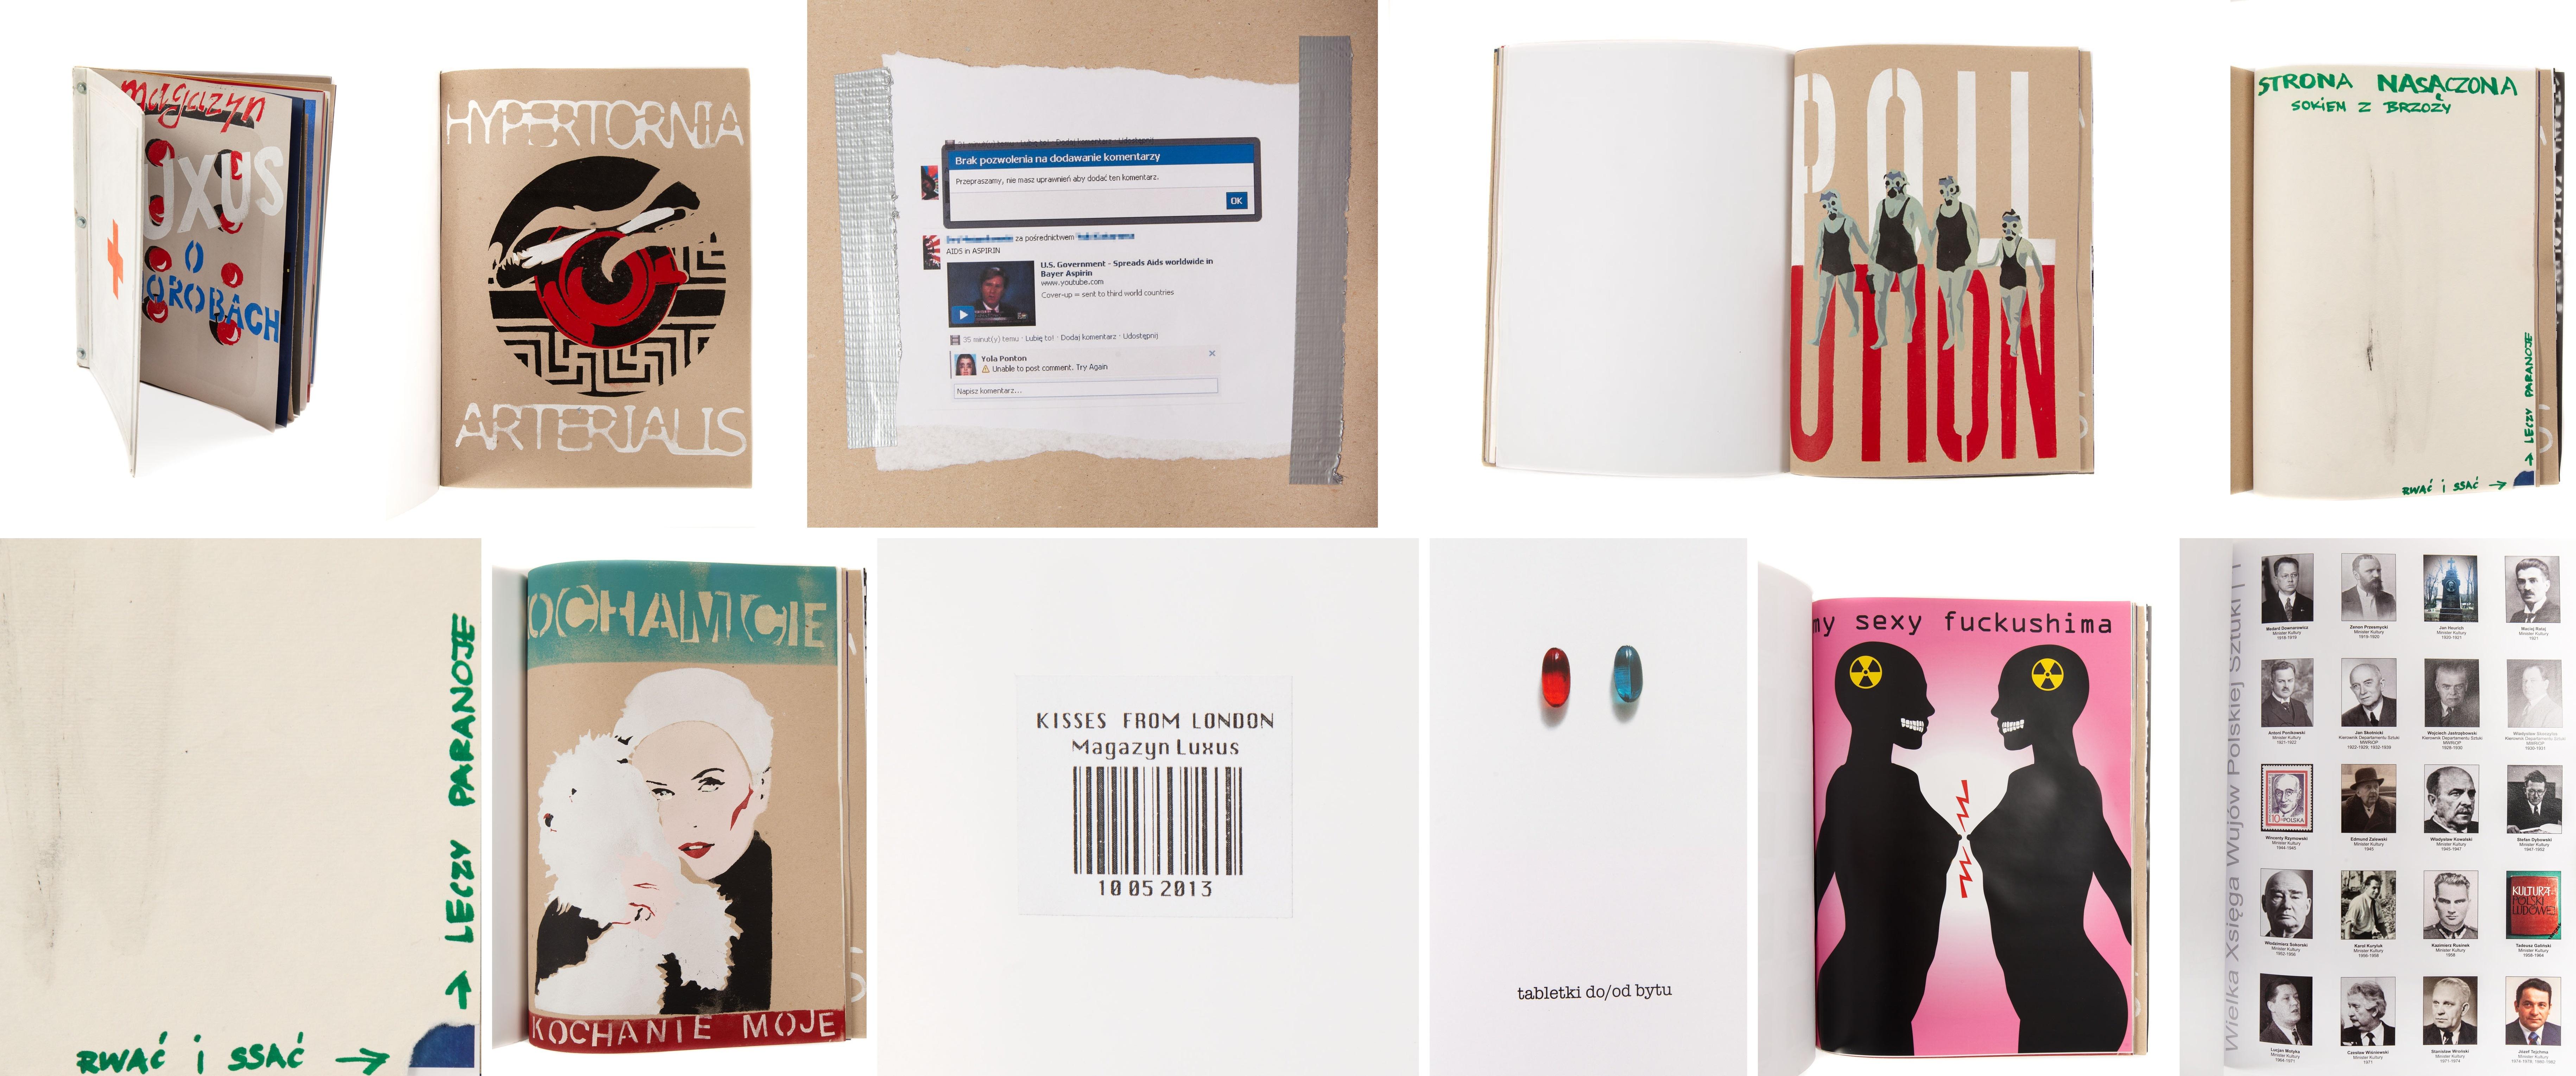 """""""Magazyn Luxus o chorobach"""" nr 22/30, wyd. 2013"""